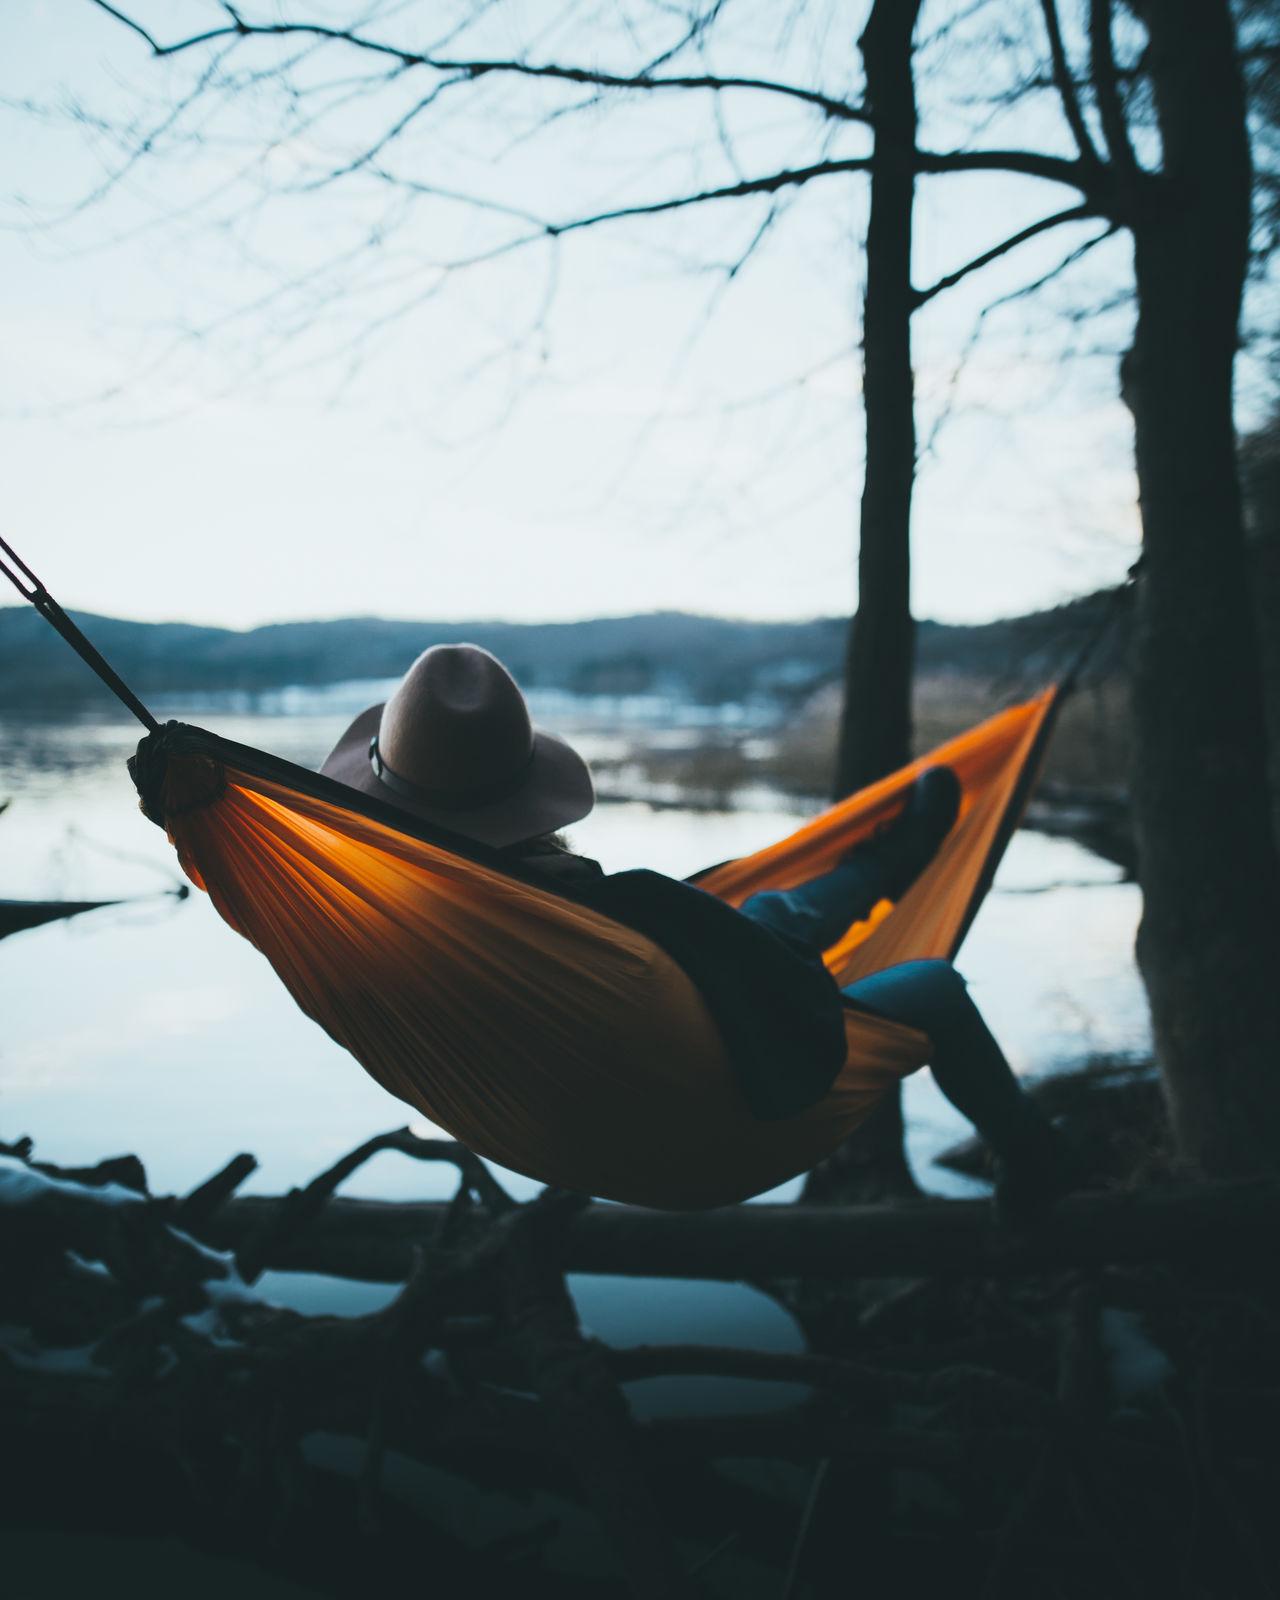 Man sitting on hammock against sky